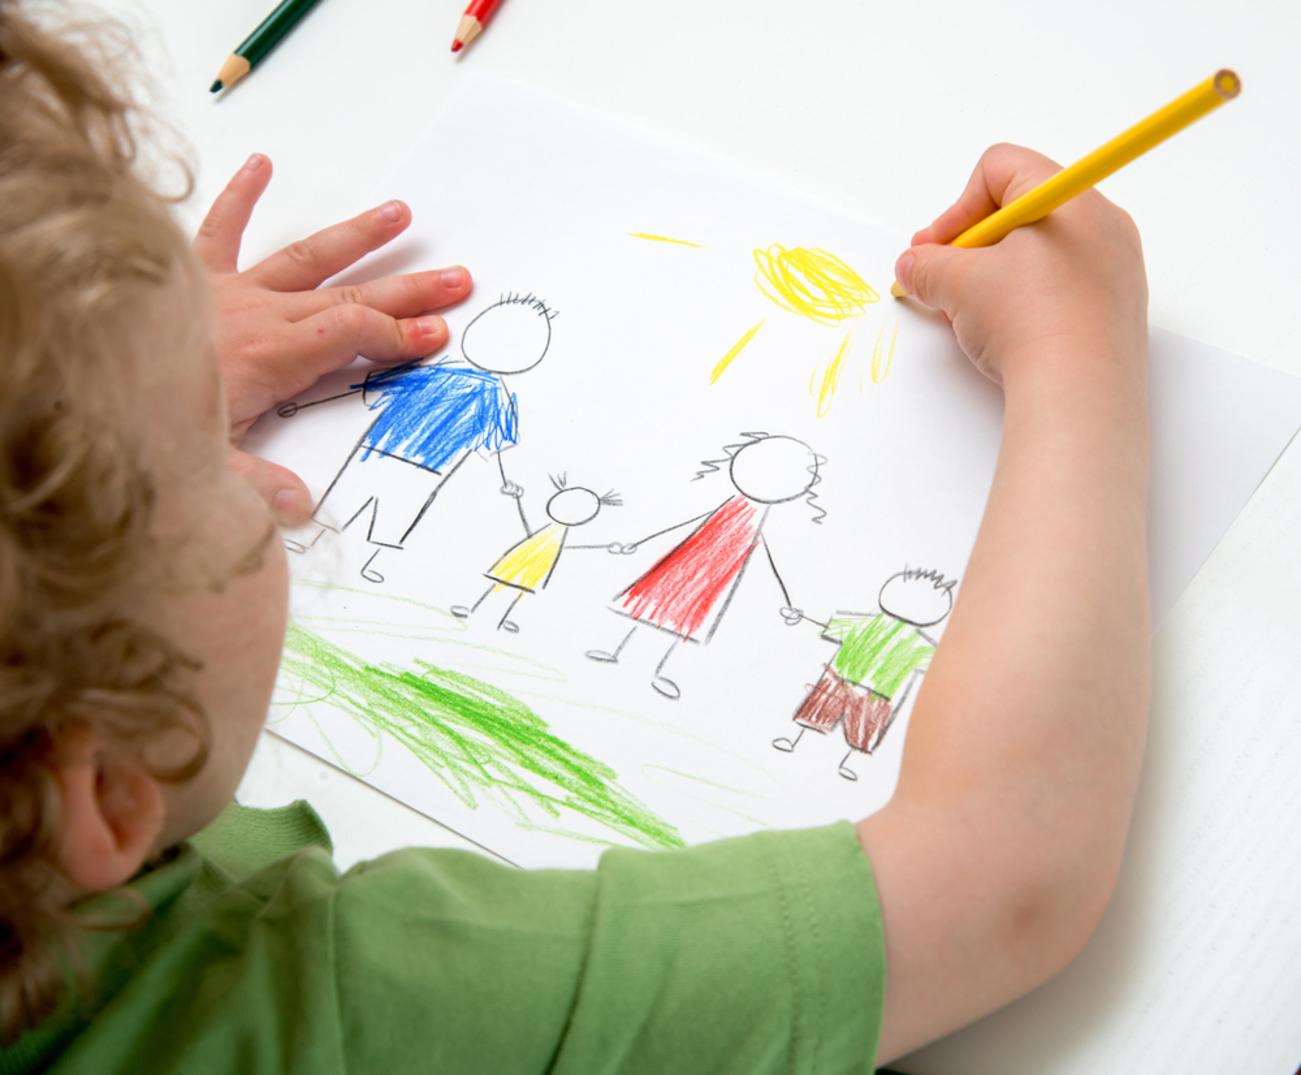 فوائد الرسم (2)